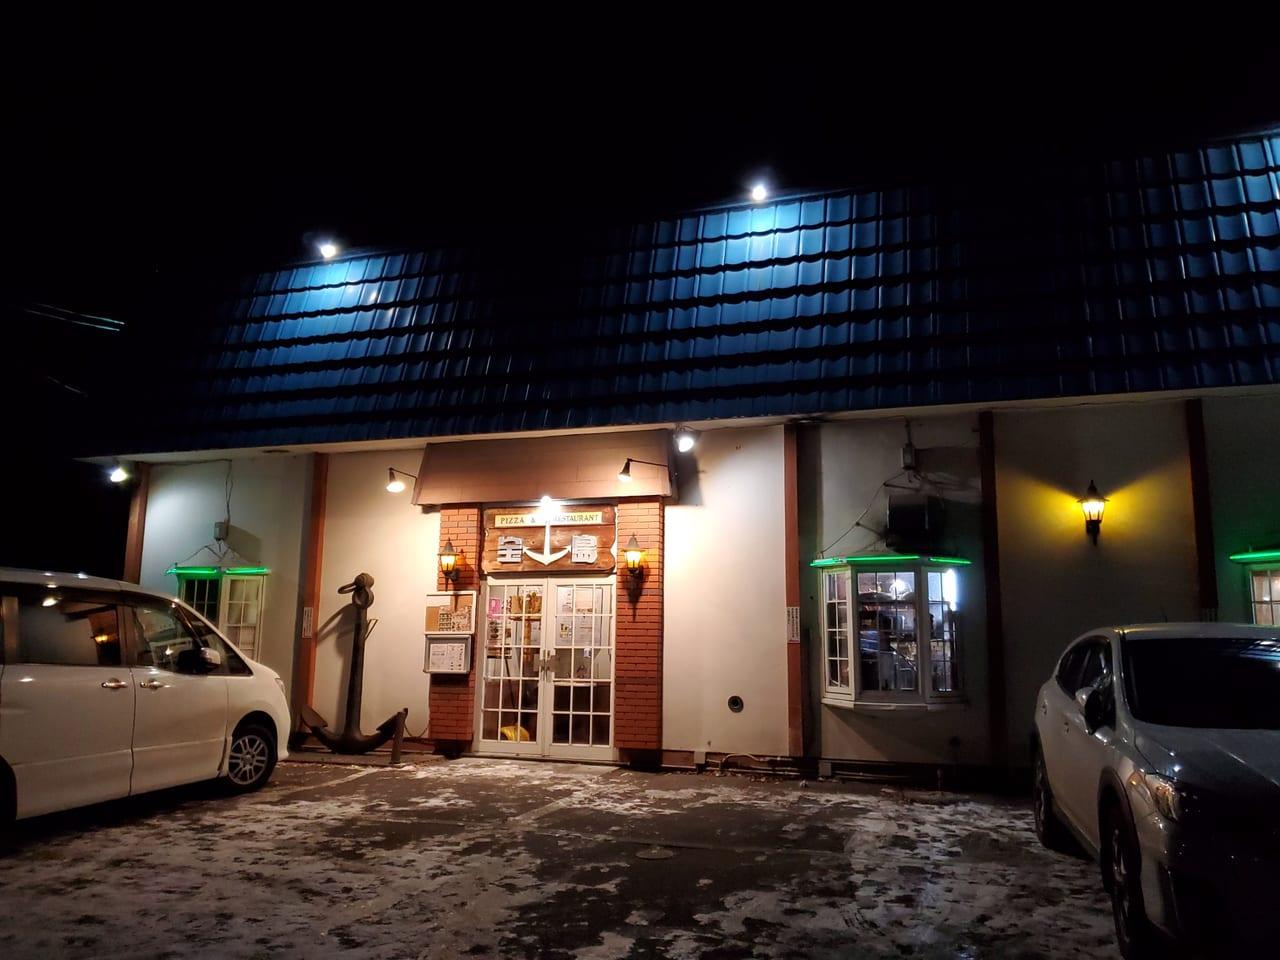 十勝 帯広 レストラン 老舗 外観 ピザ テイクアウト